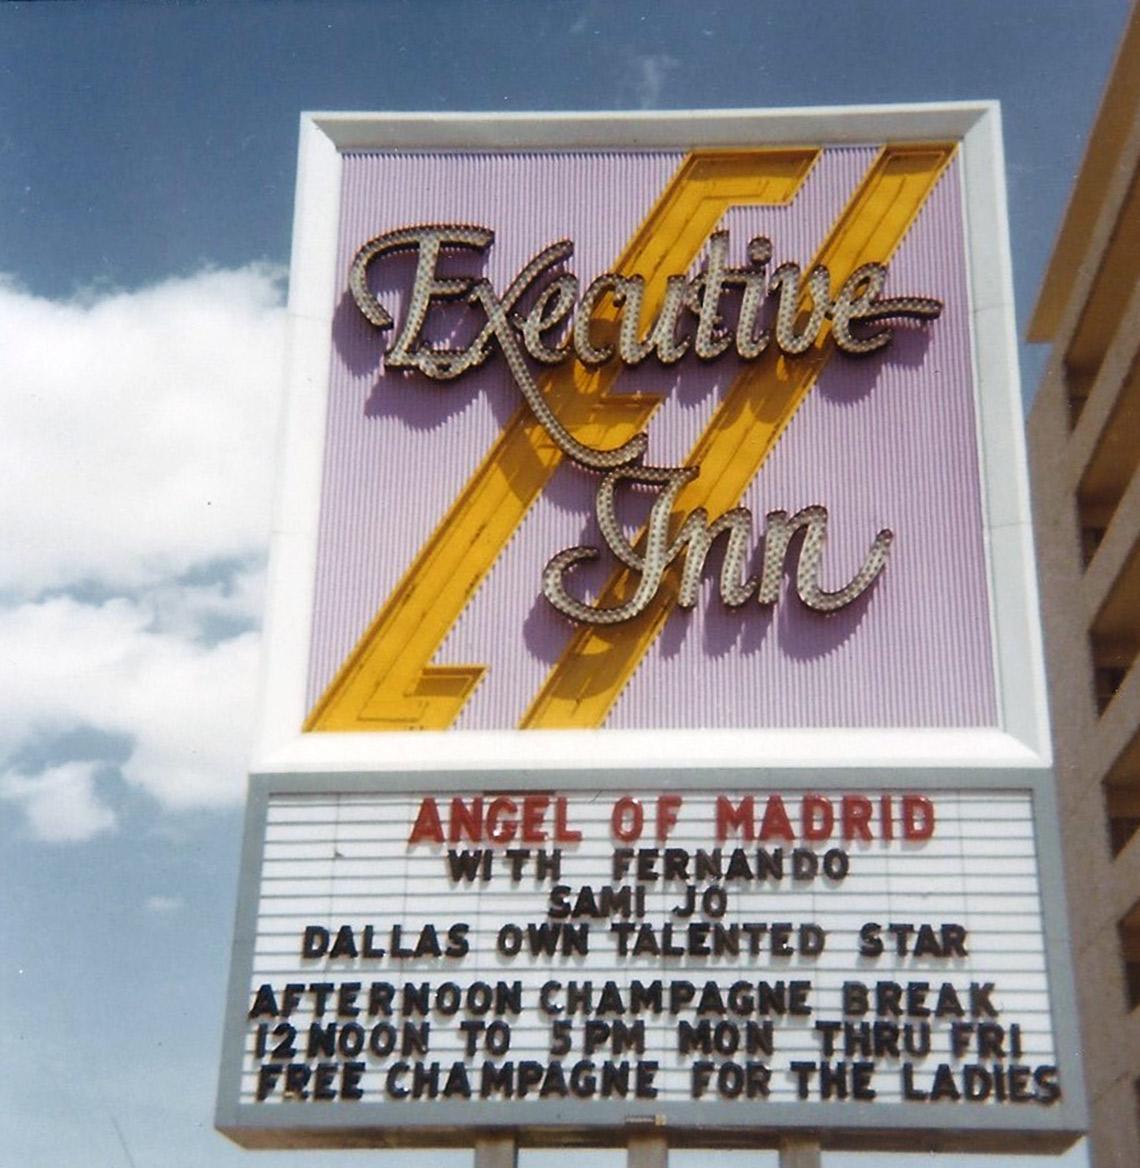 27 - Anuncio de la presentación de Angel de No en Dallas